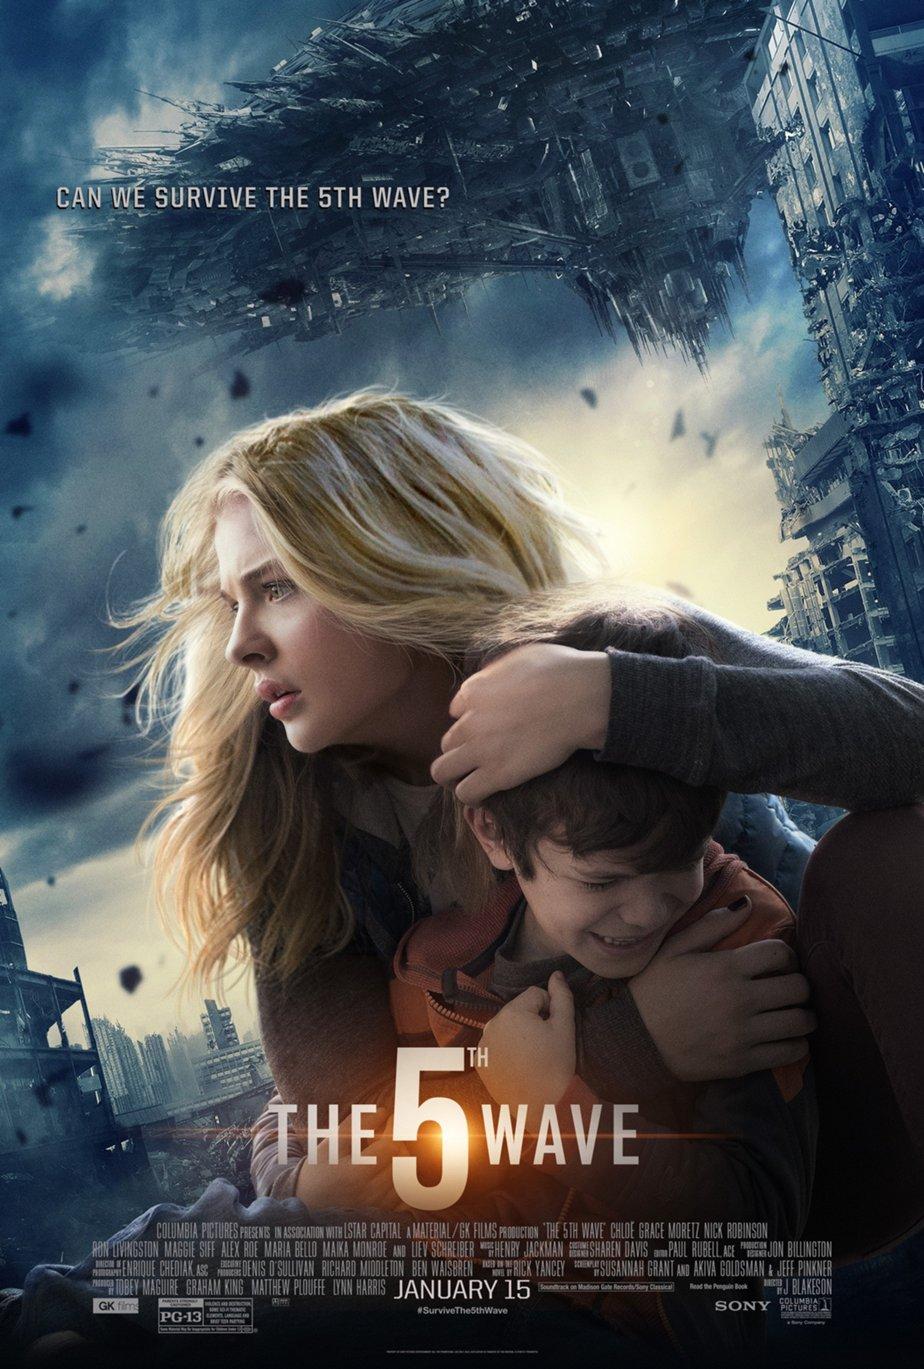 Фильм 5ая волна The 5th Wave  смотреть онлайн